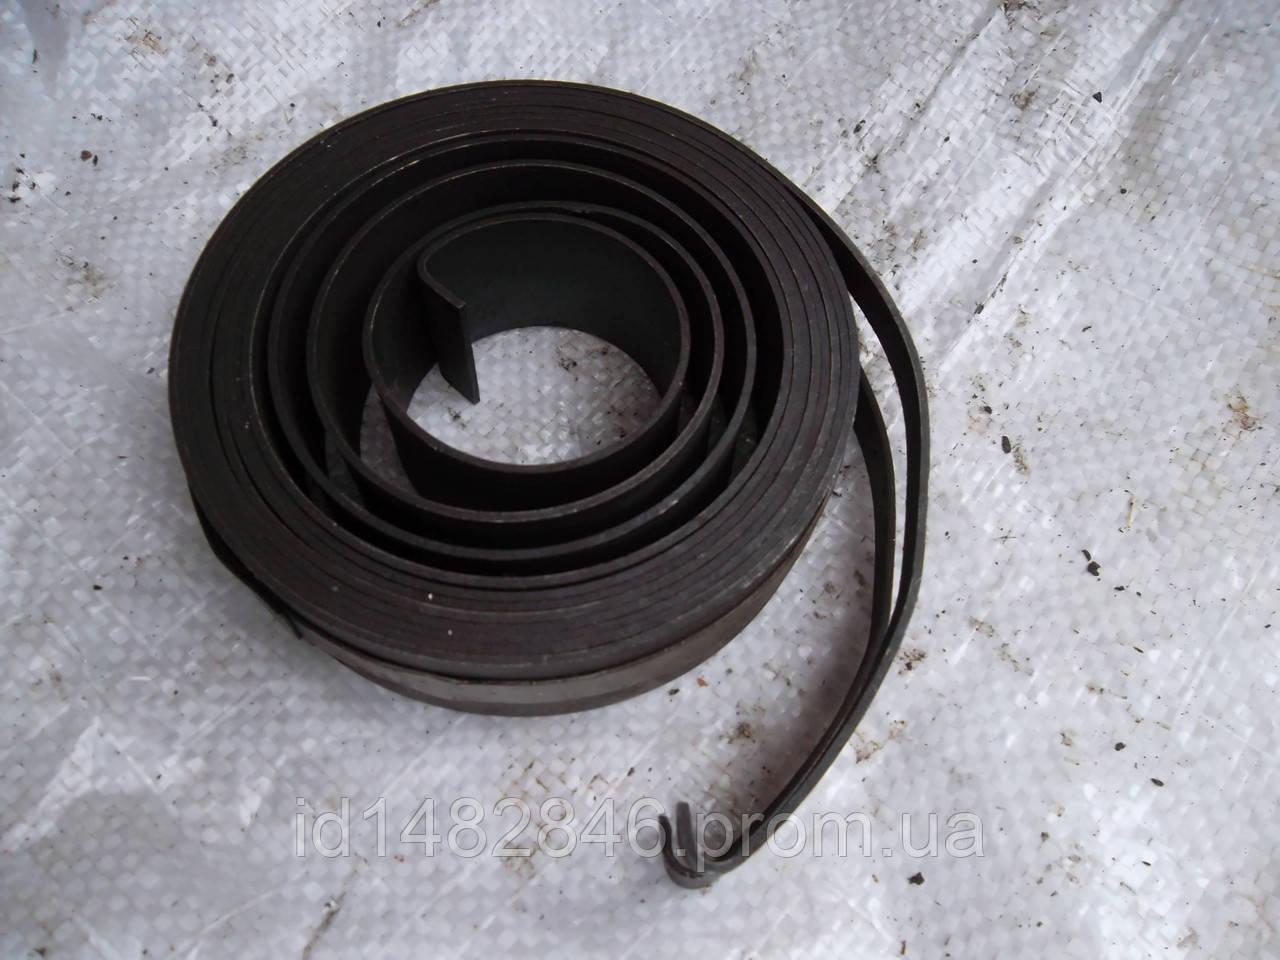 Пружина противовеса 35 mm. радиально-сверлильного станка 2М55